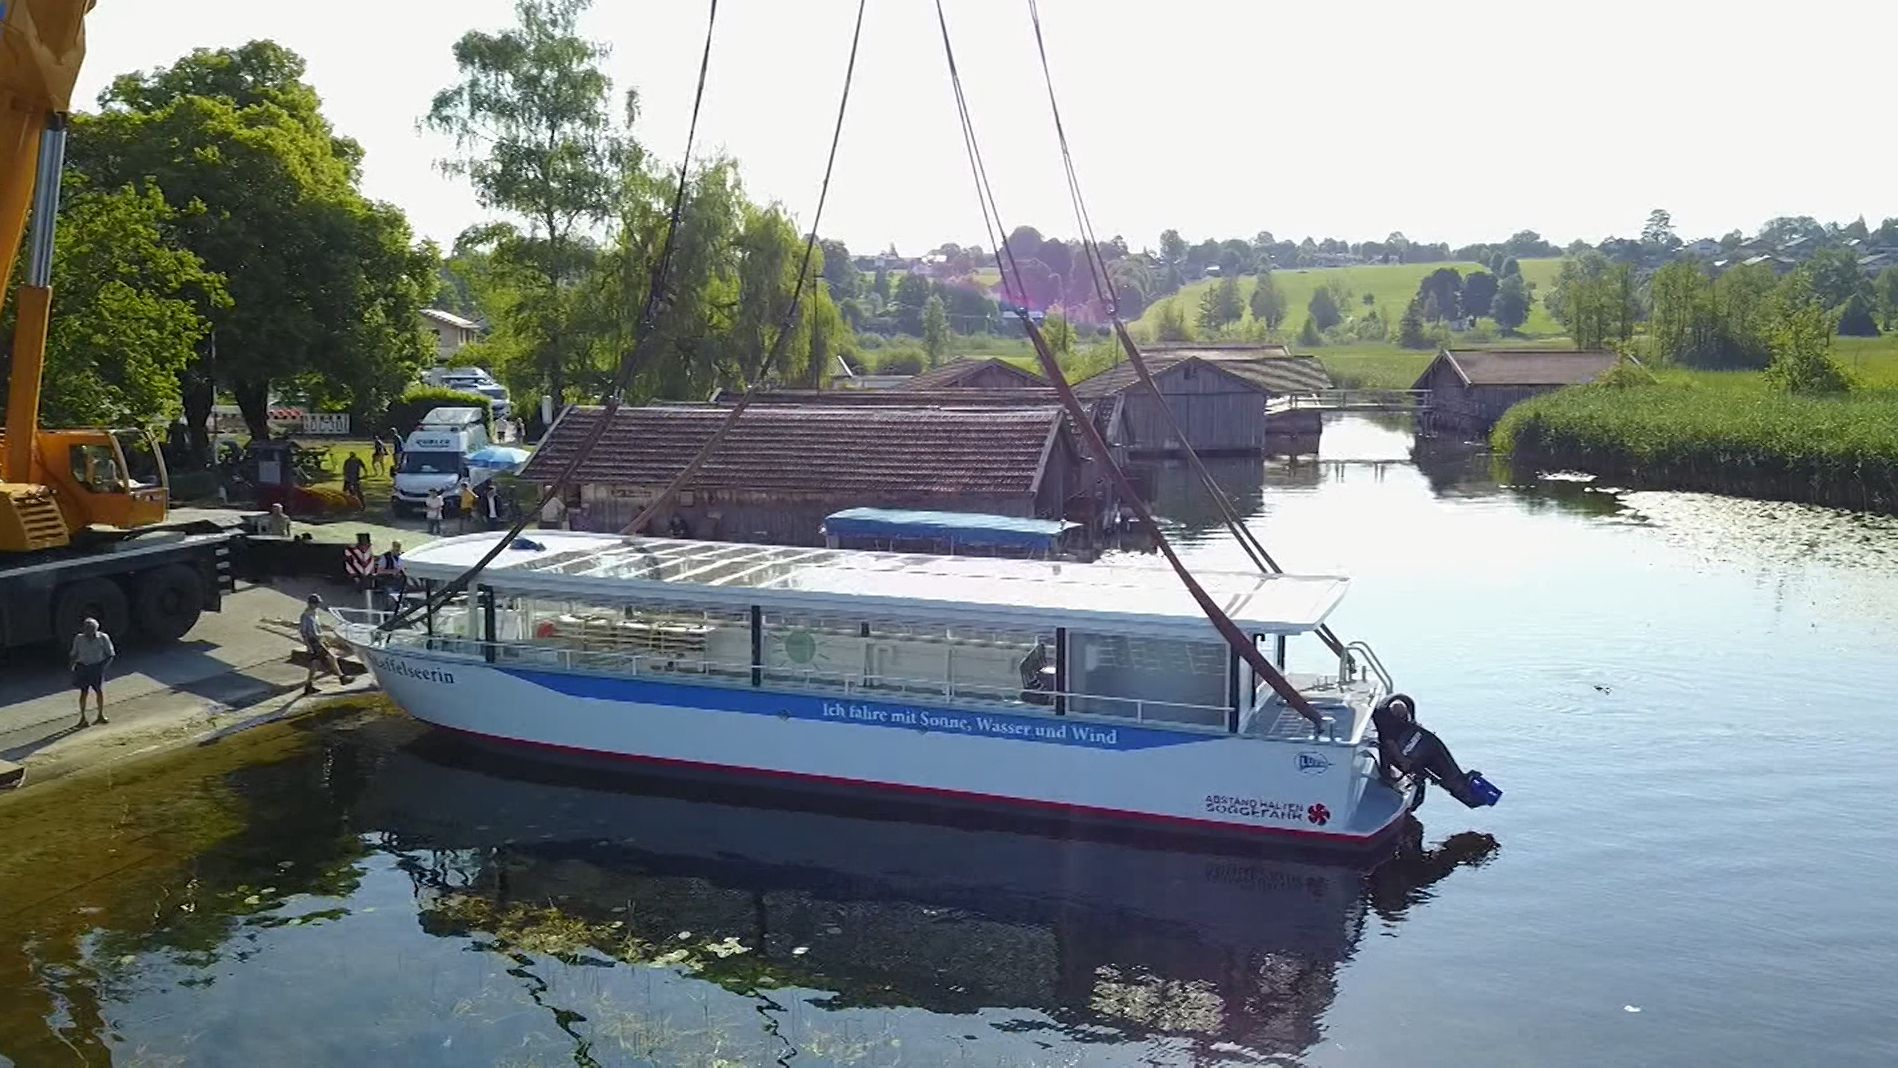 """Neues Passagierschiff """"Staffelseerin"""" wird mit einem Kran auf den Staffelsee gehievt"""